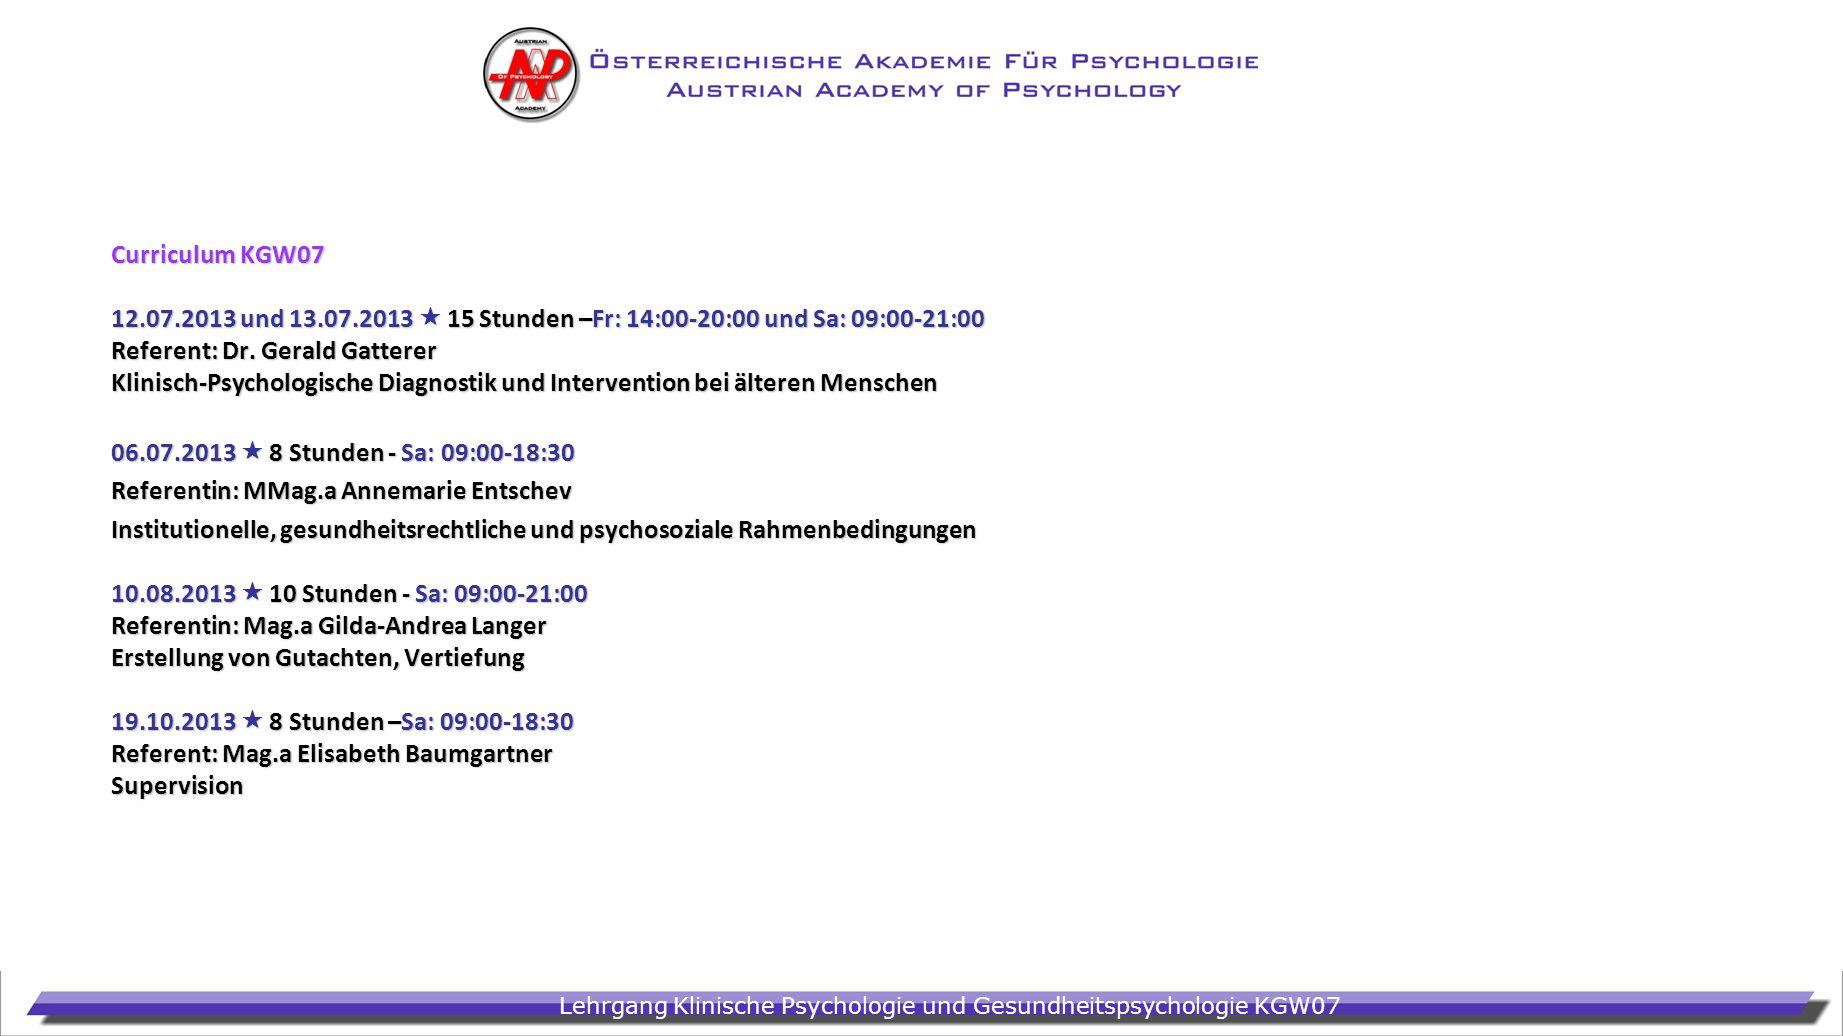 Curriculum KGW07 12.07.2013 und 13.07.2013  15 Stunden –Fr: 14:00-20:00 und Sa: 09:00-21:00. Referent: Dr. Gerald Gatterer.